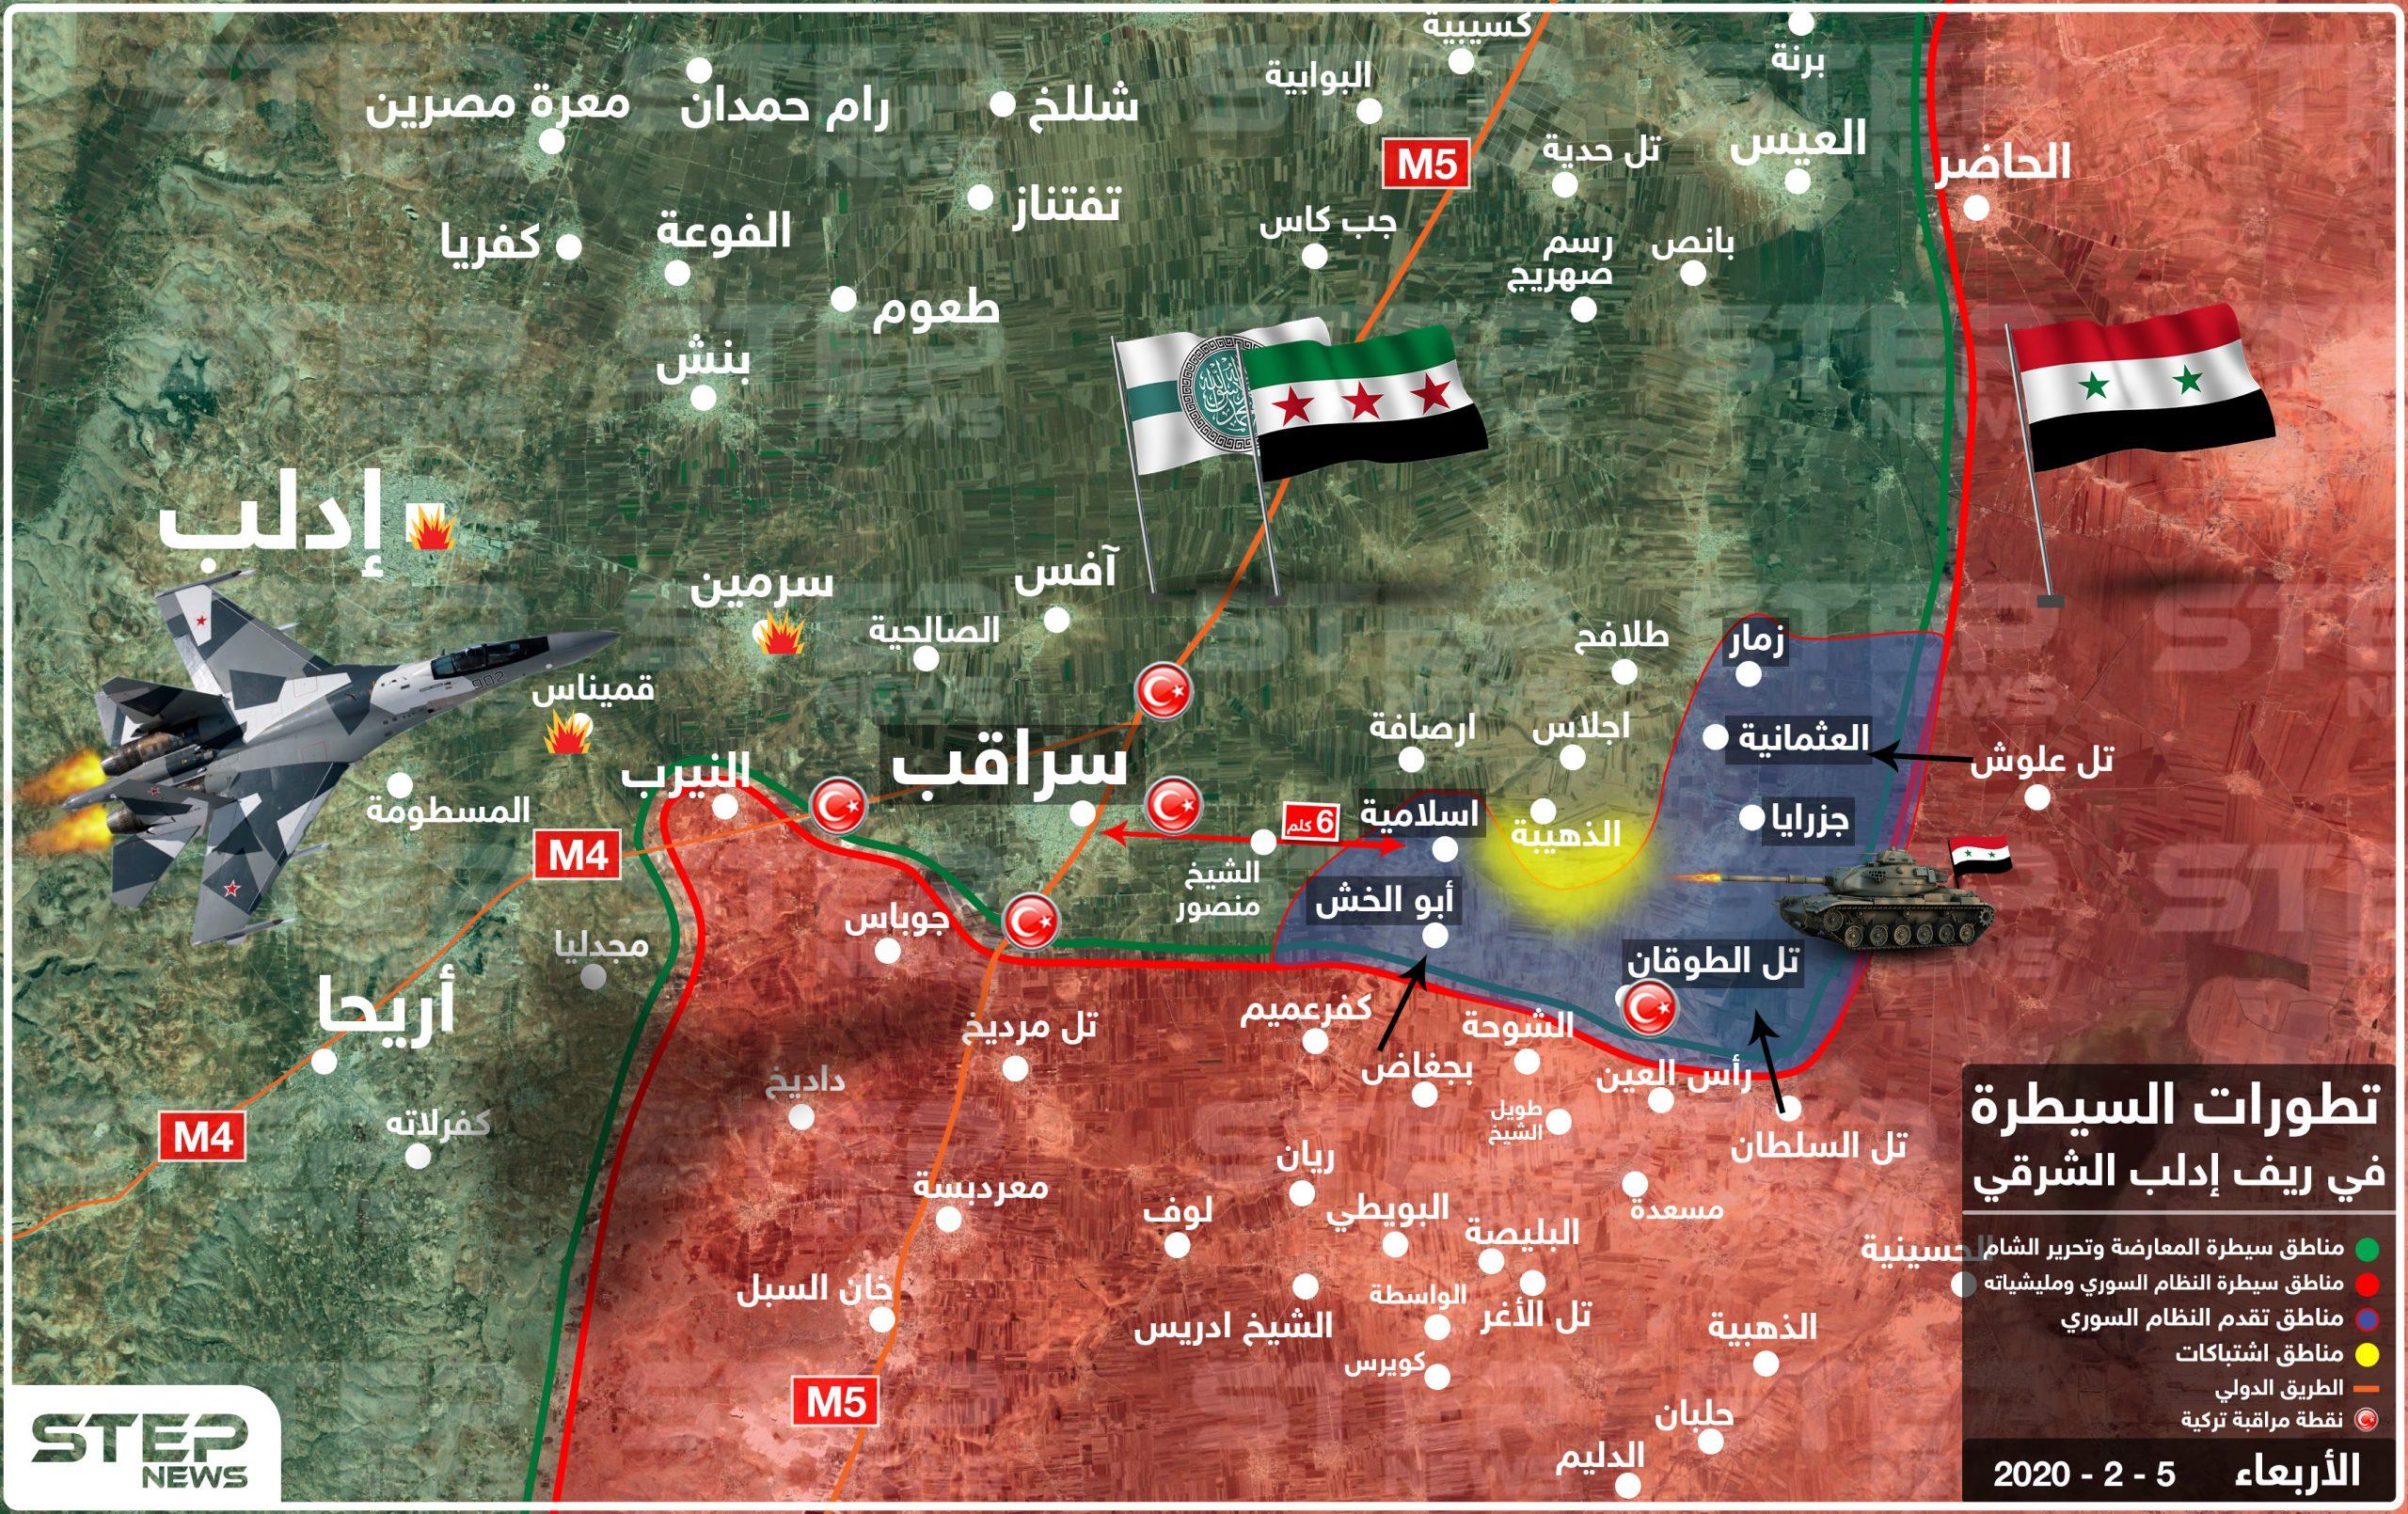 بالخريطة    النظام السوري يسيطر على قرى جديدة شرق سراقب ويحاصر نقطة مراقبة تركية